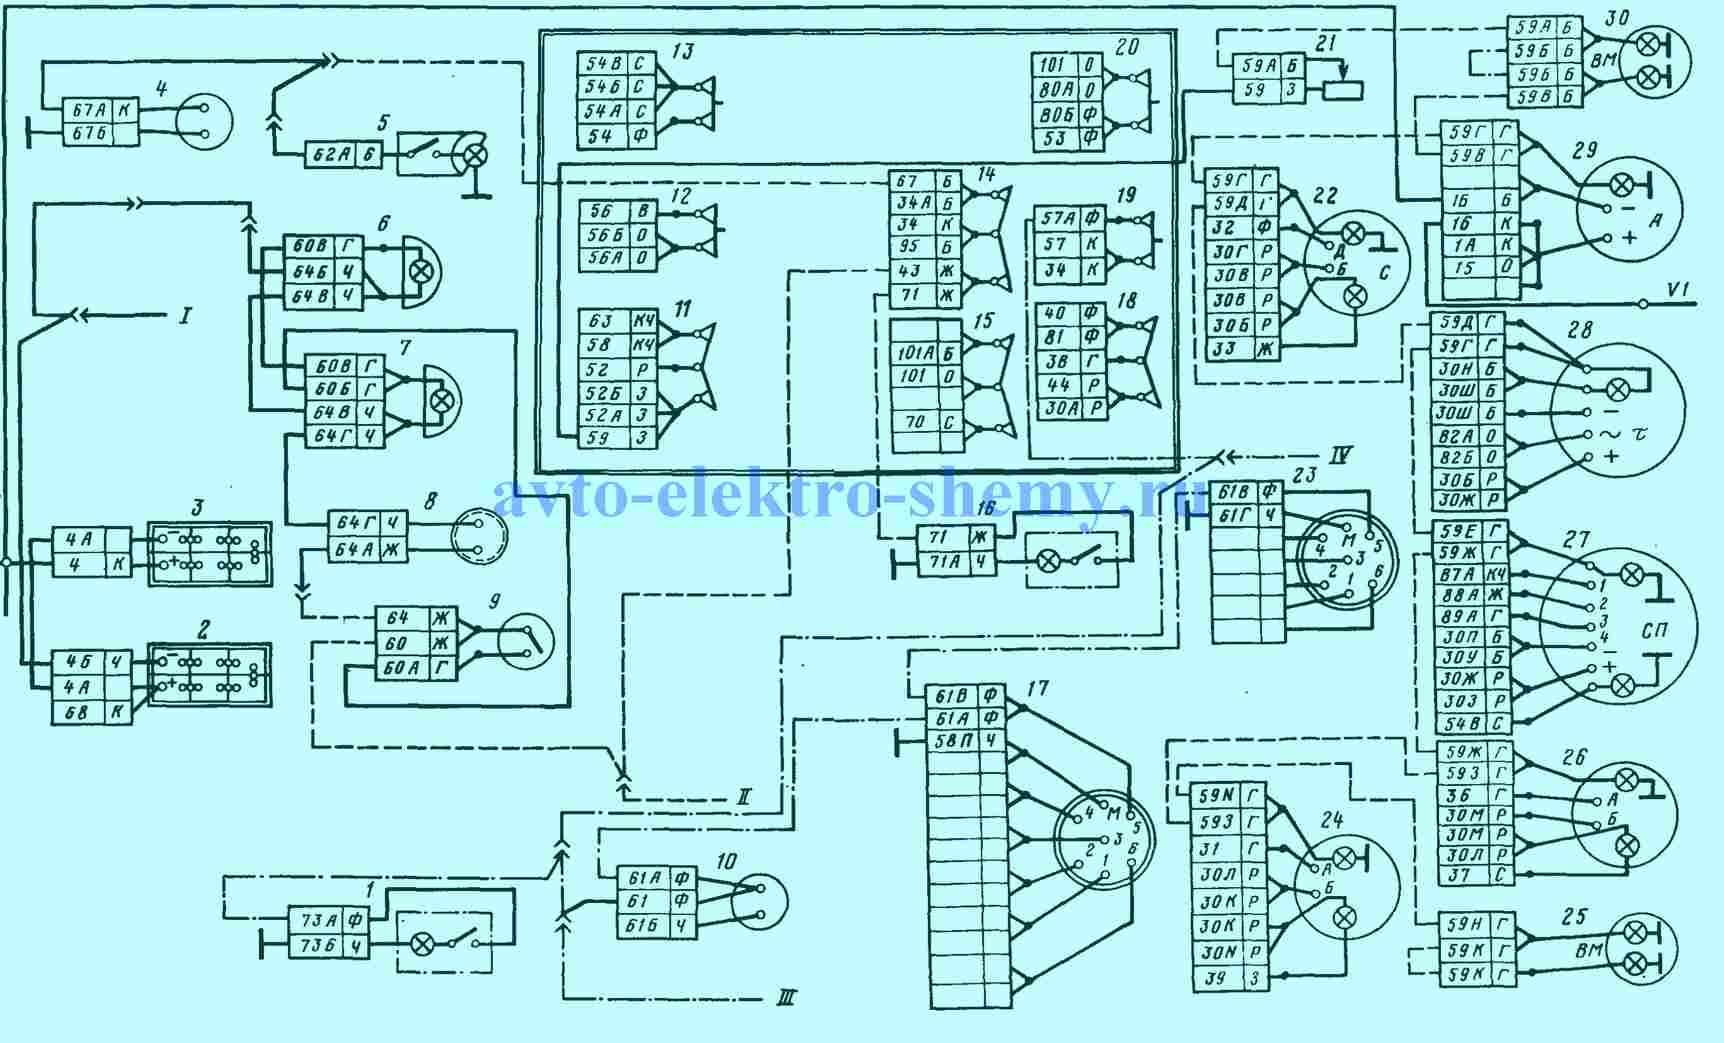 Рис. 2. Система внутреннего освещения Камаза